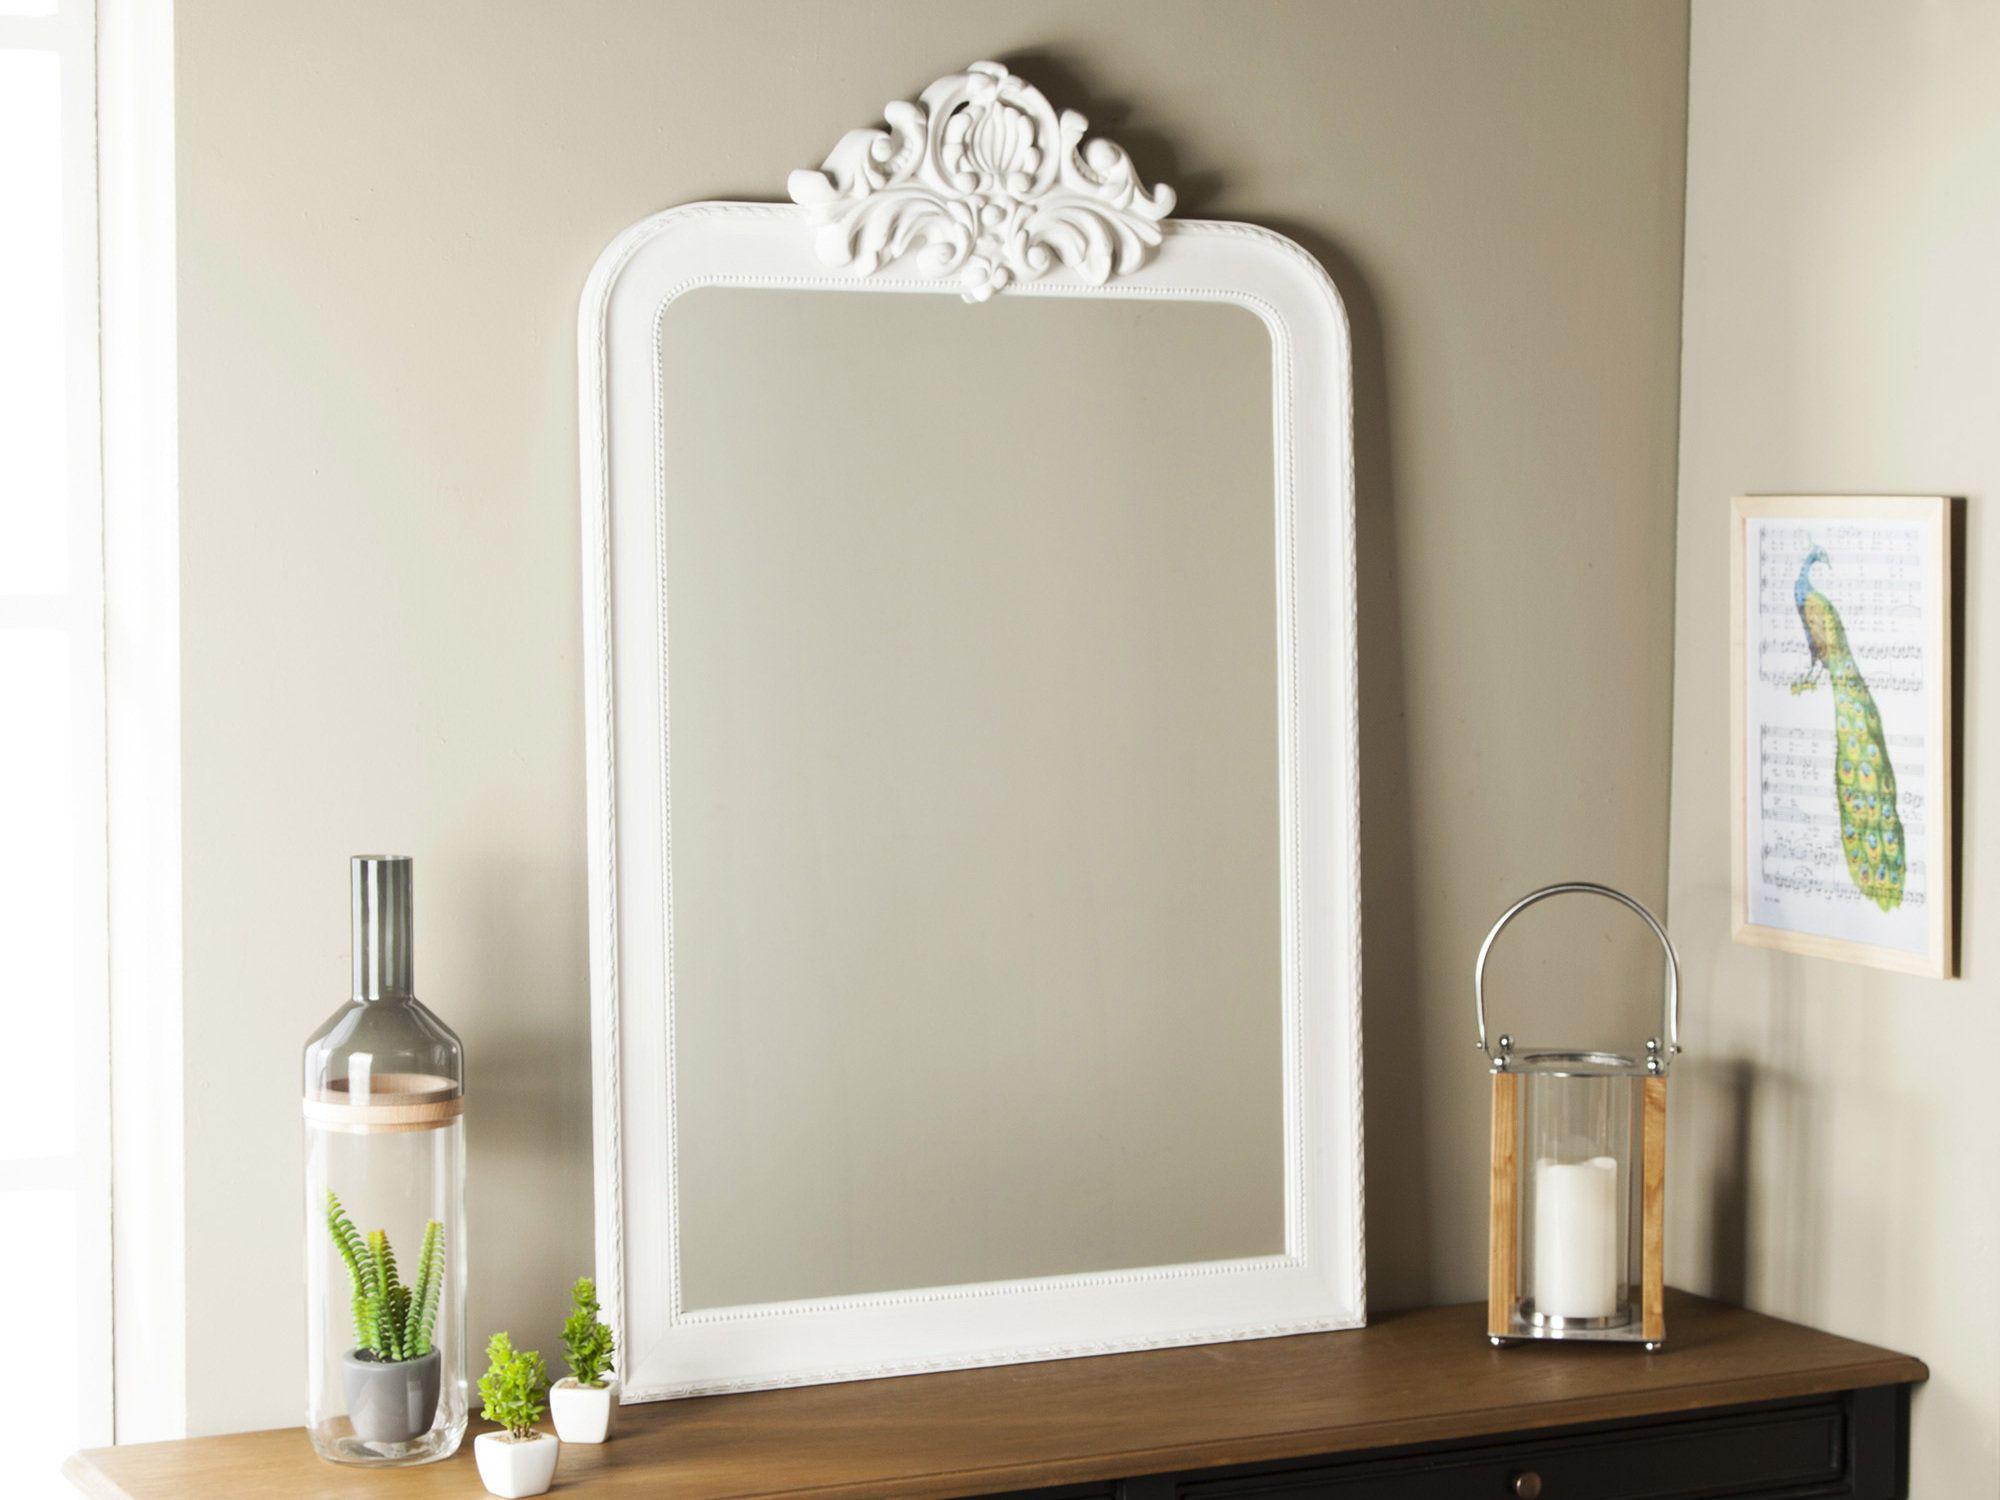 Miroir rectangulaire en bois avec moulures blanc 76x116cm Elisabeth